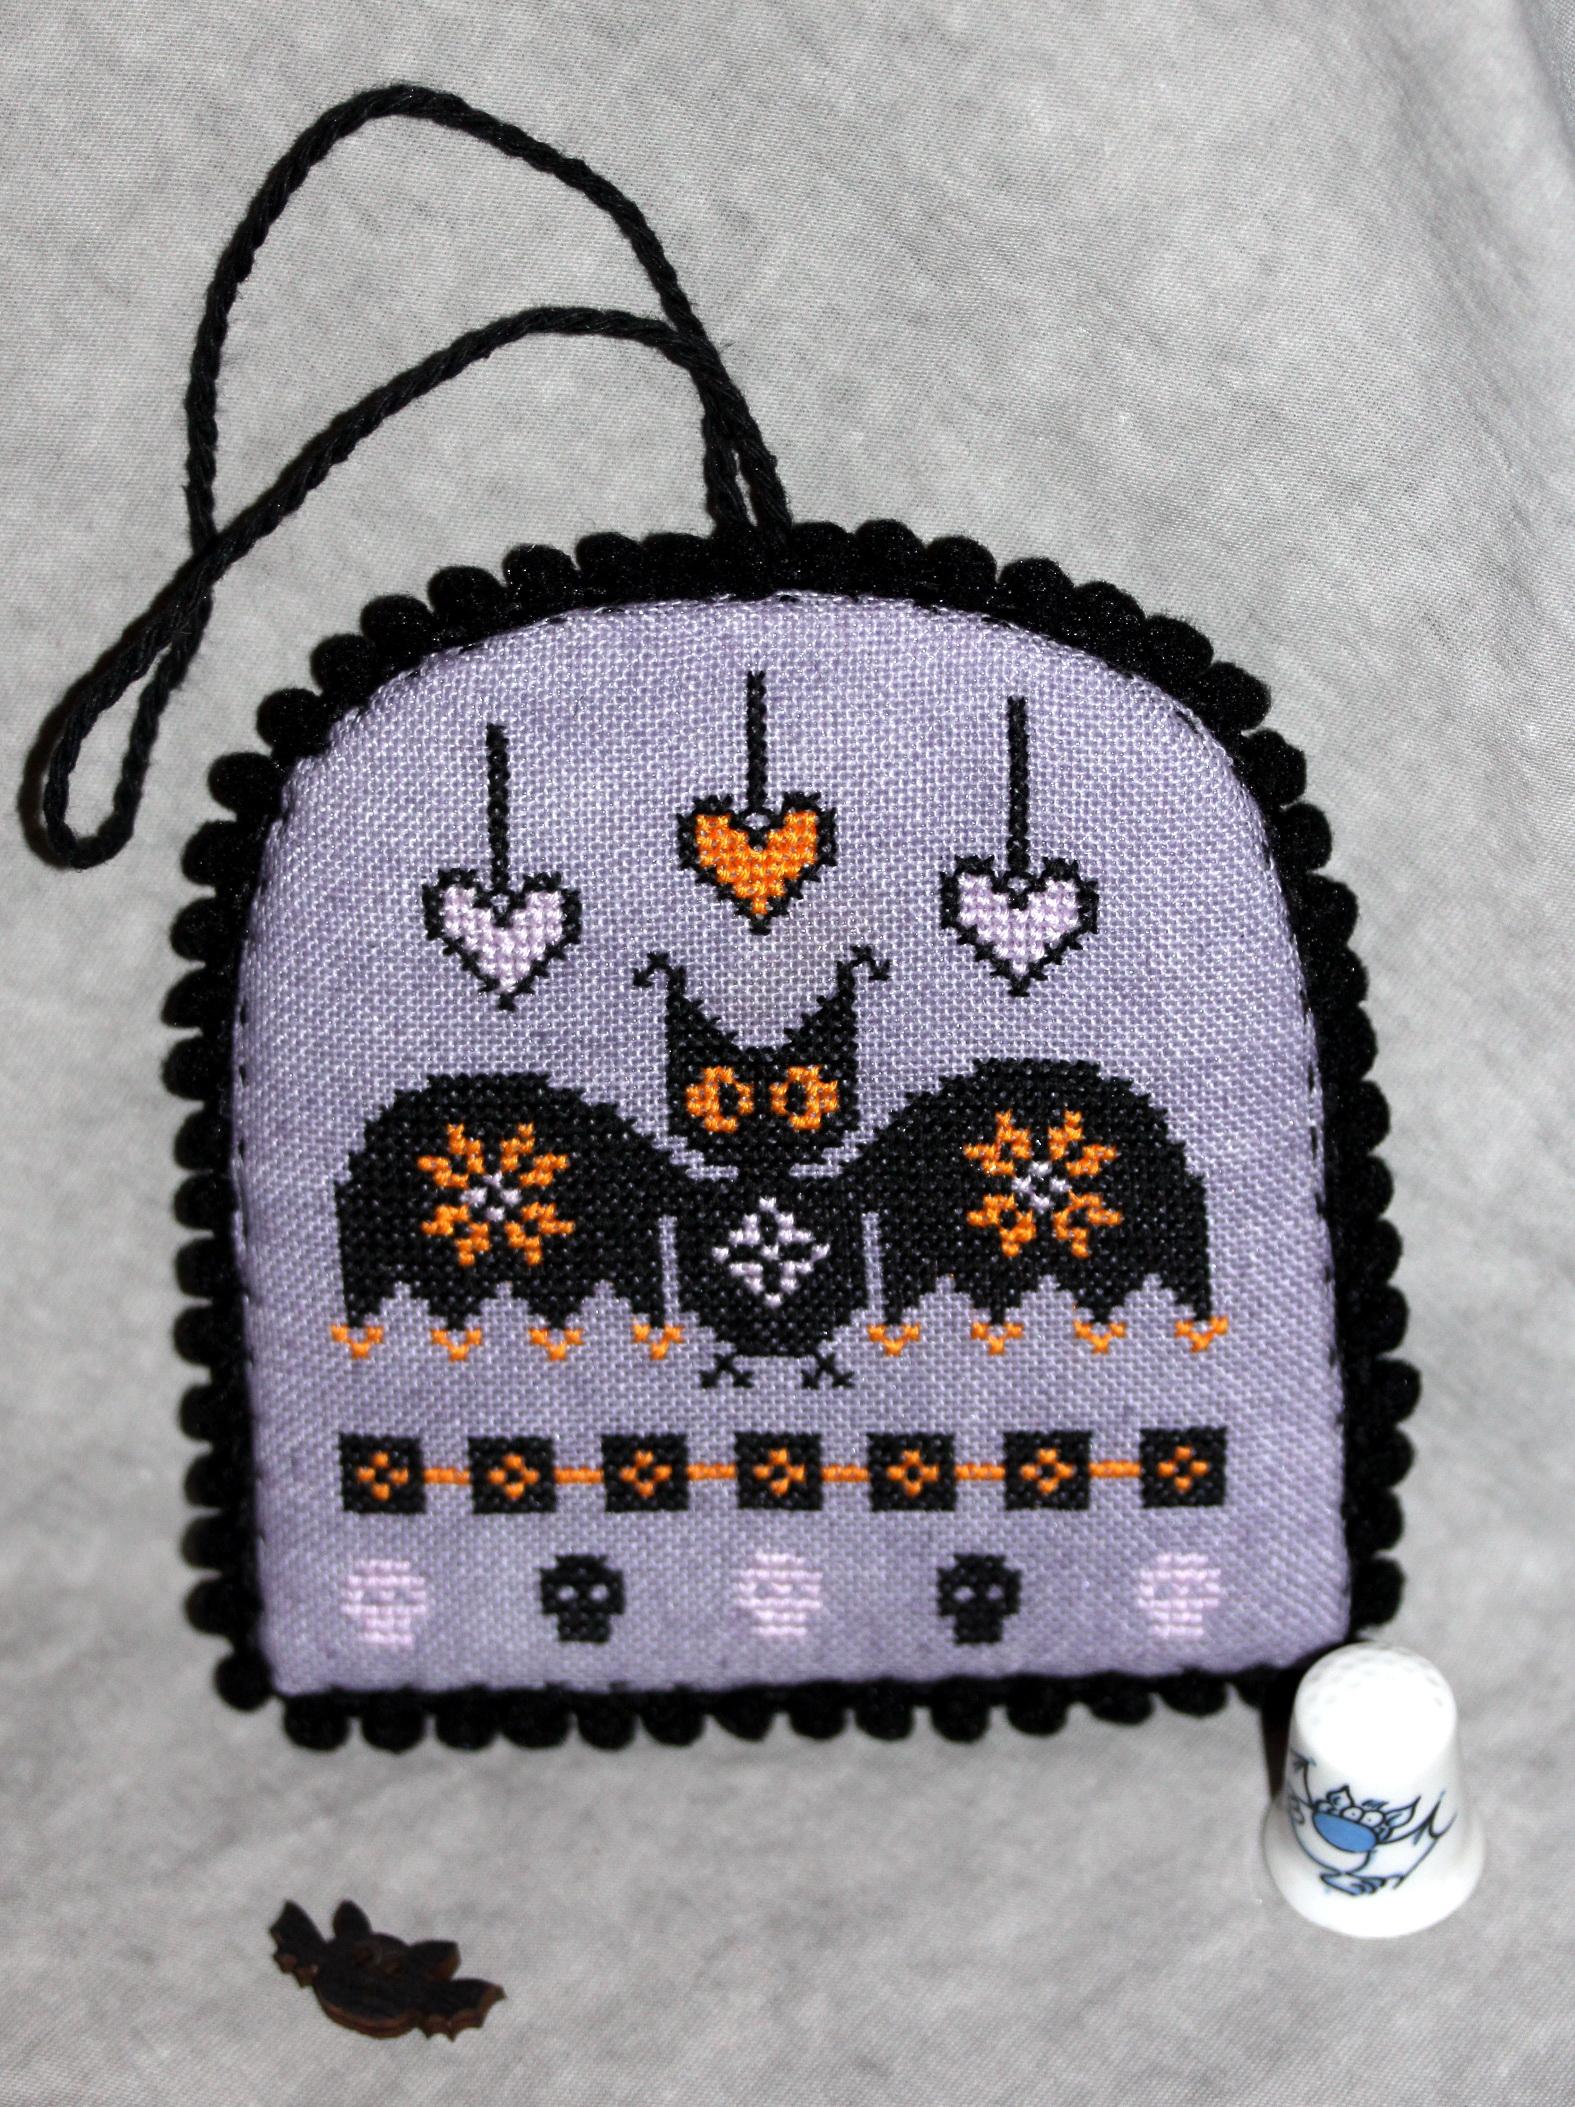 Bat - дизайн Ирины Вебер.